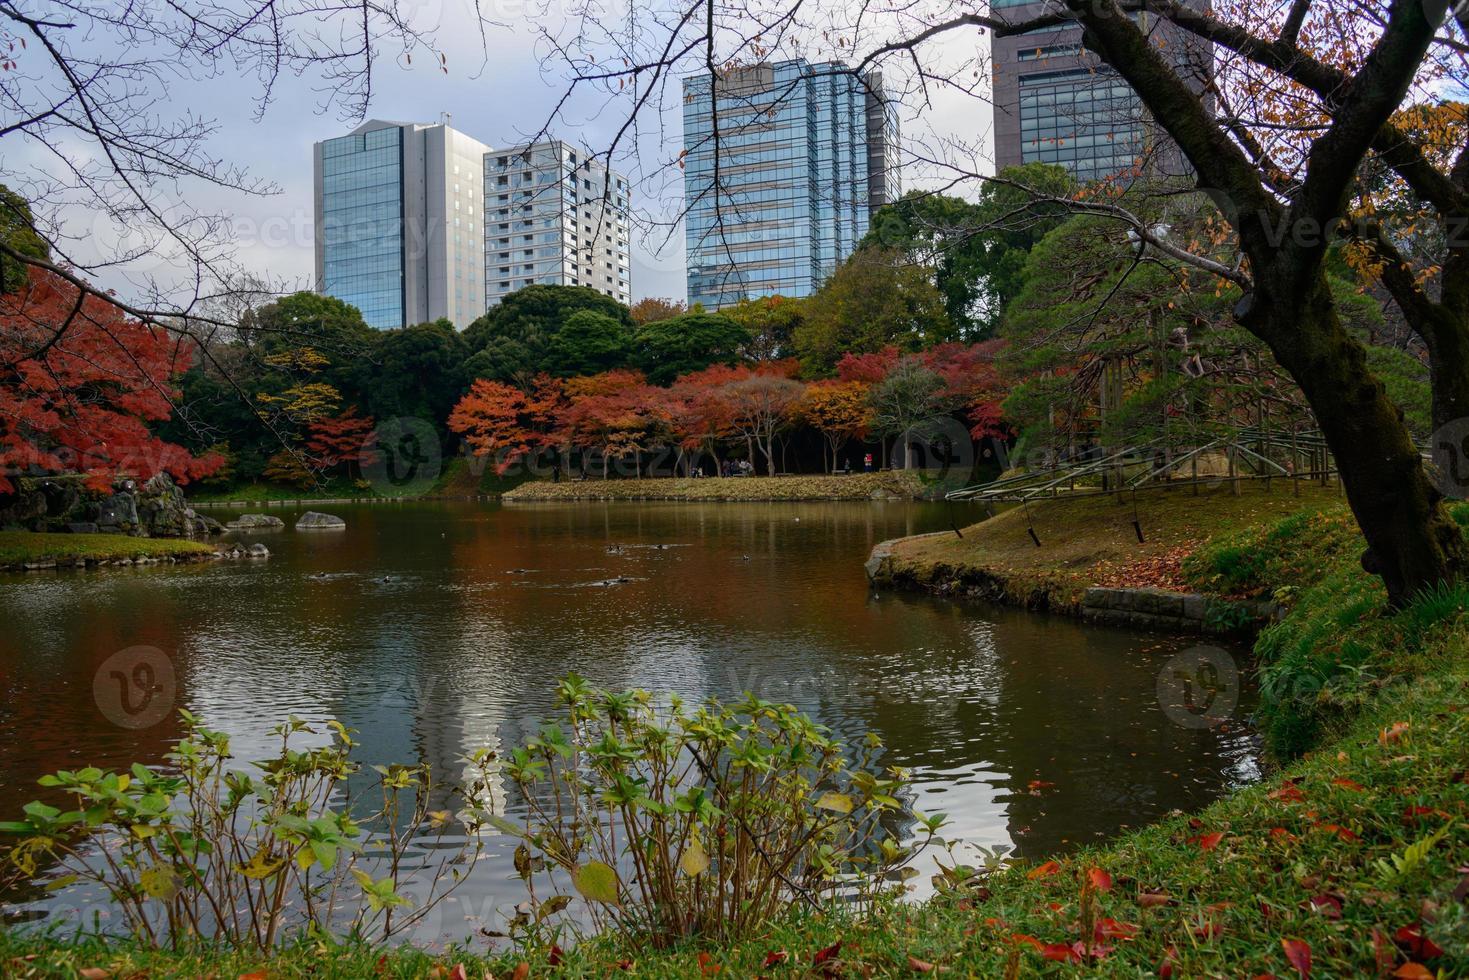 giardino di koishikawa korakuen in autunno a Tokyo foto